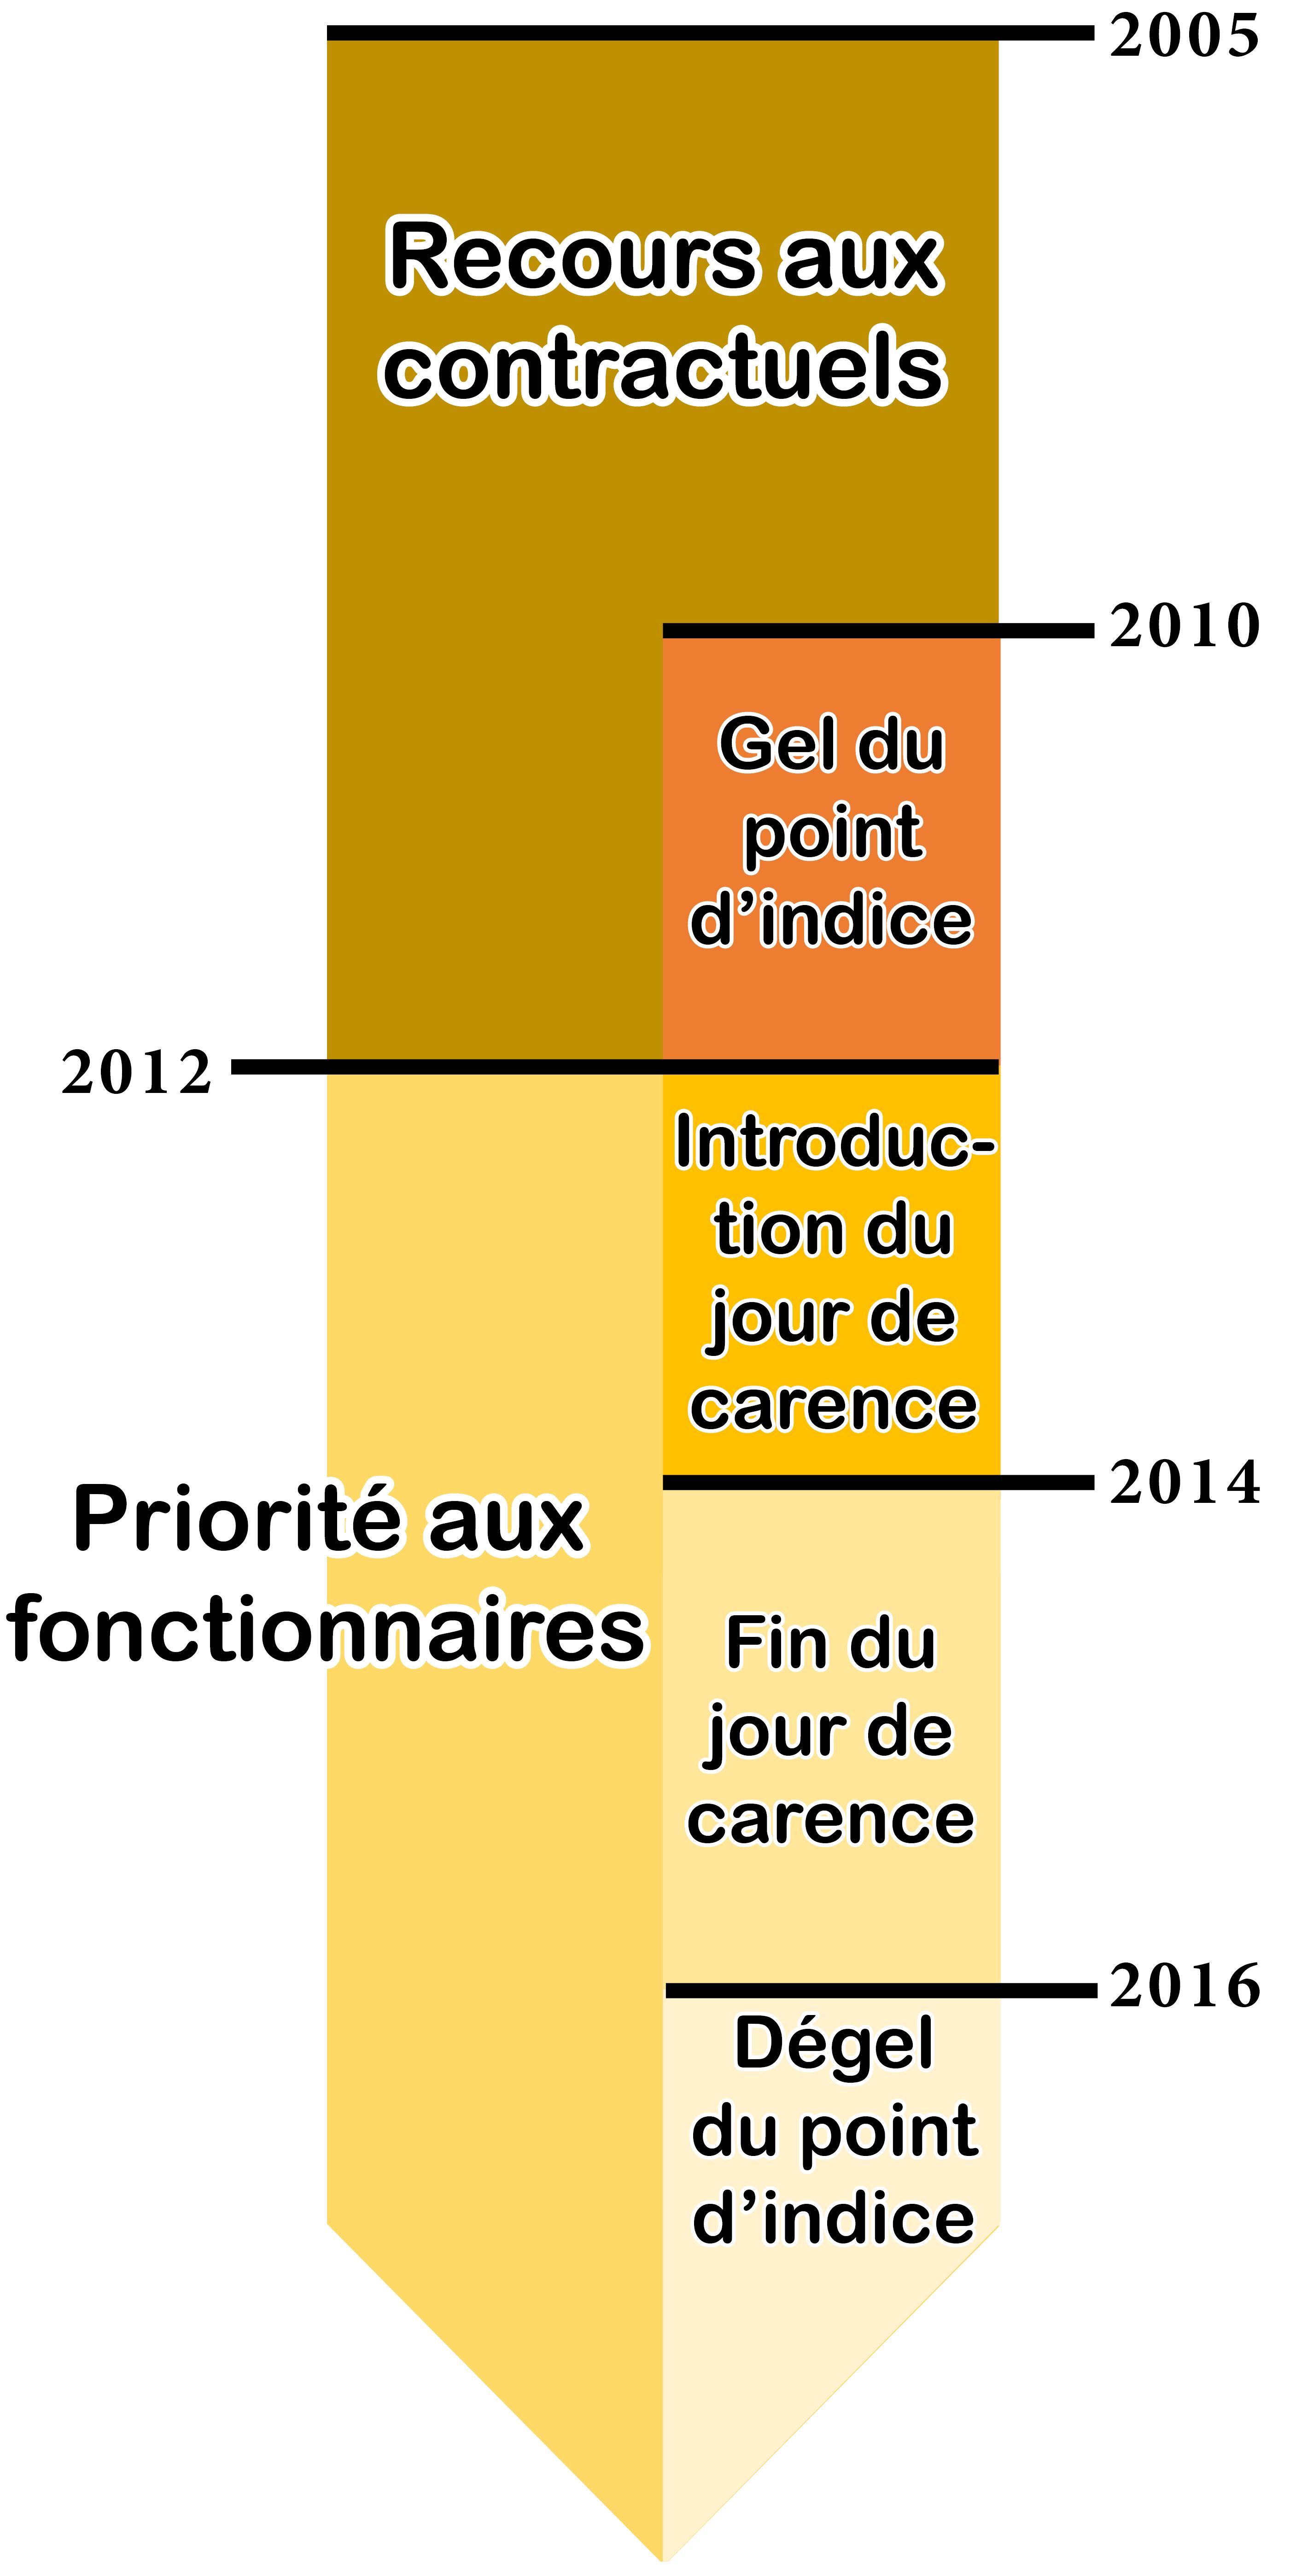 Les Contractuels Apres 2012 Y A T Il Trop De Fonctionnaires